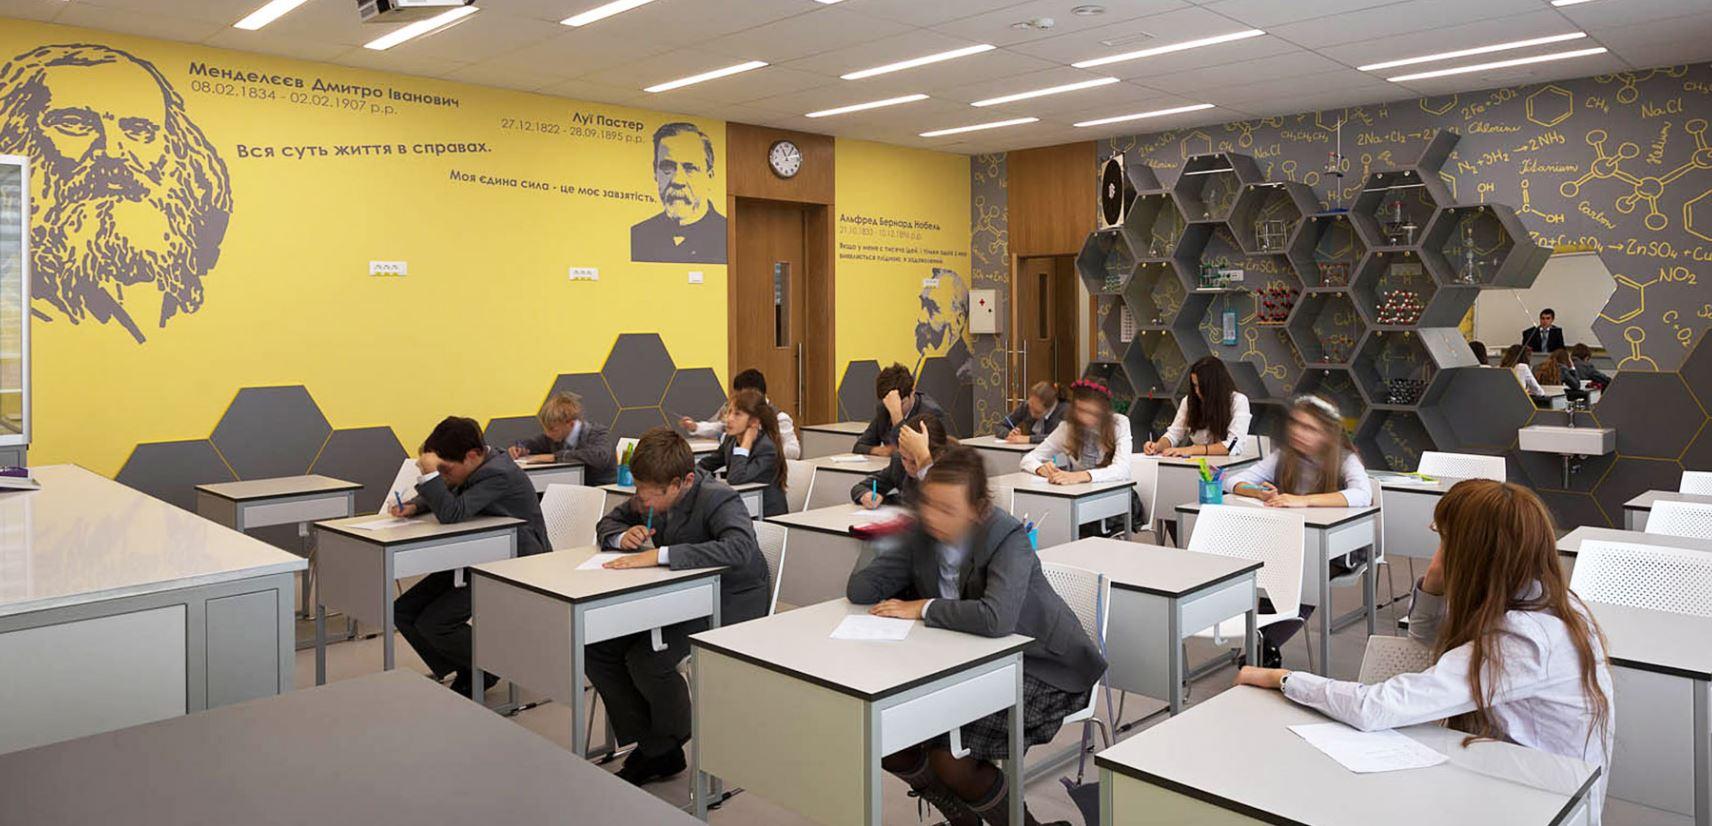 El diseño de escuelas para aprender